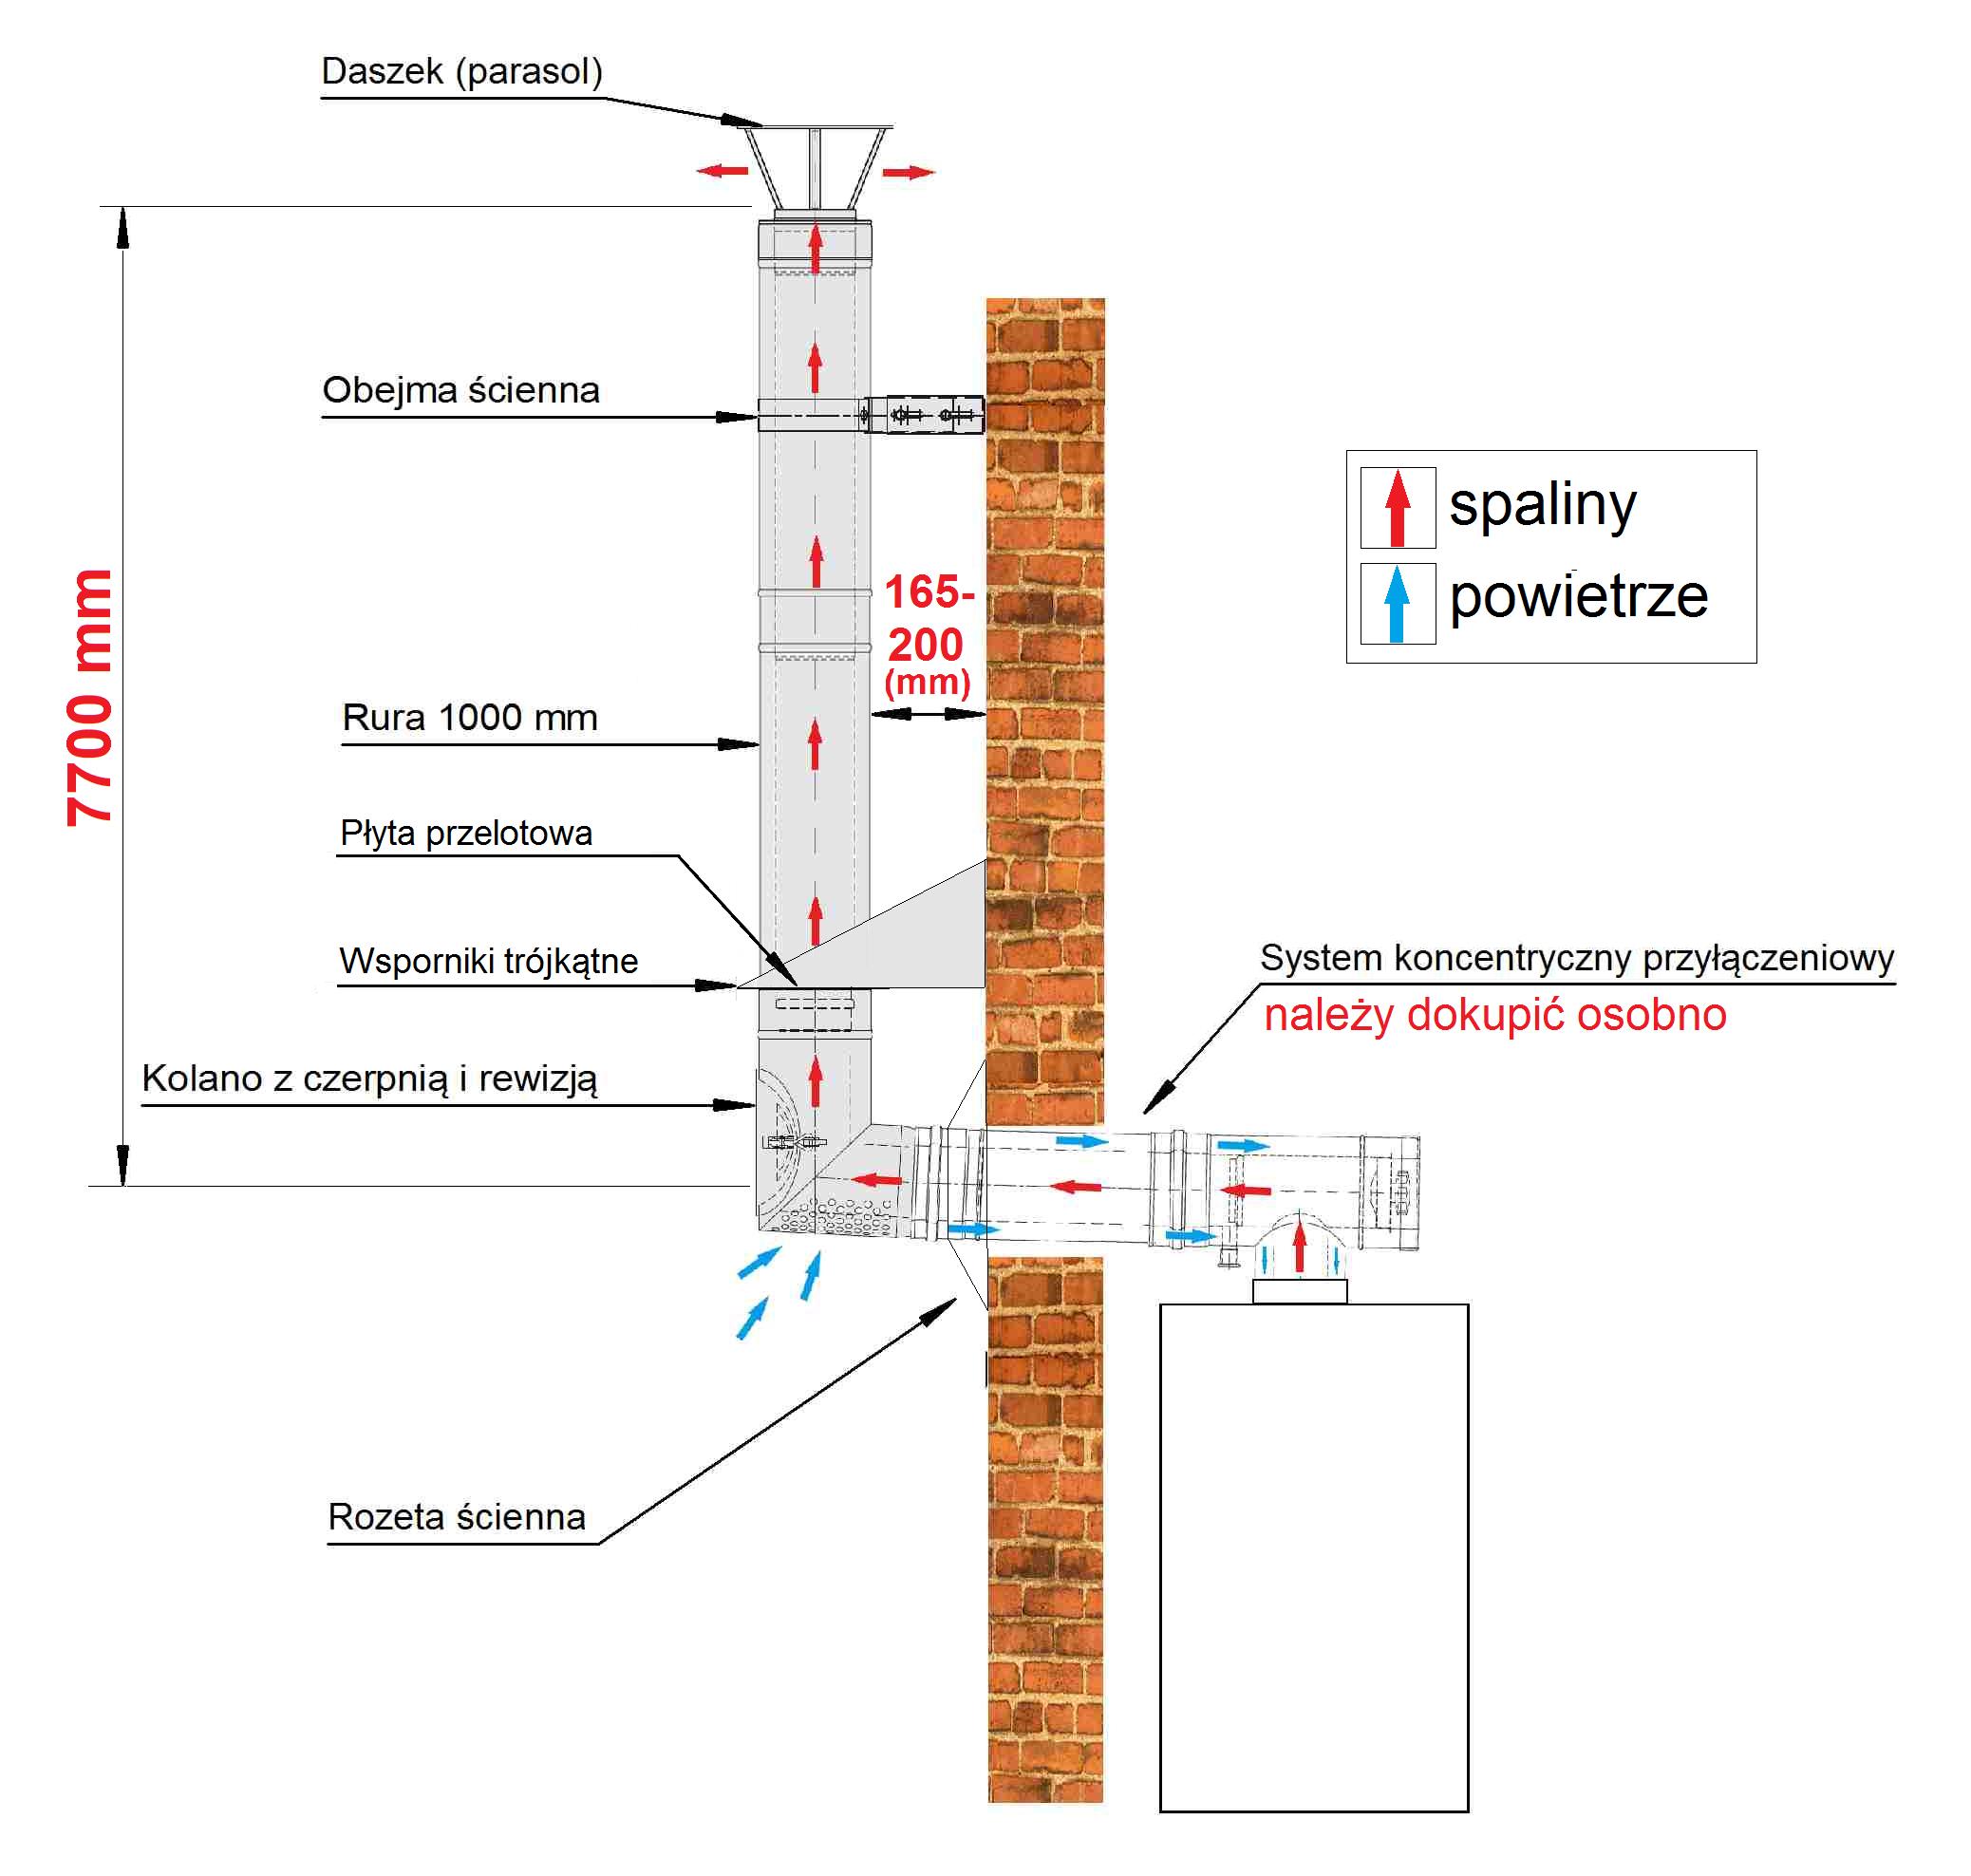 Schemat instalacji komin kondensacja